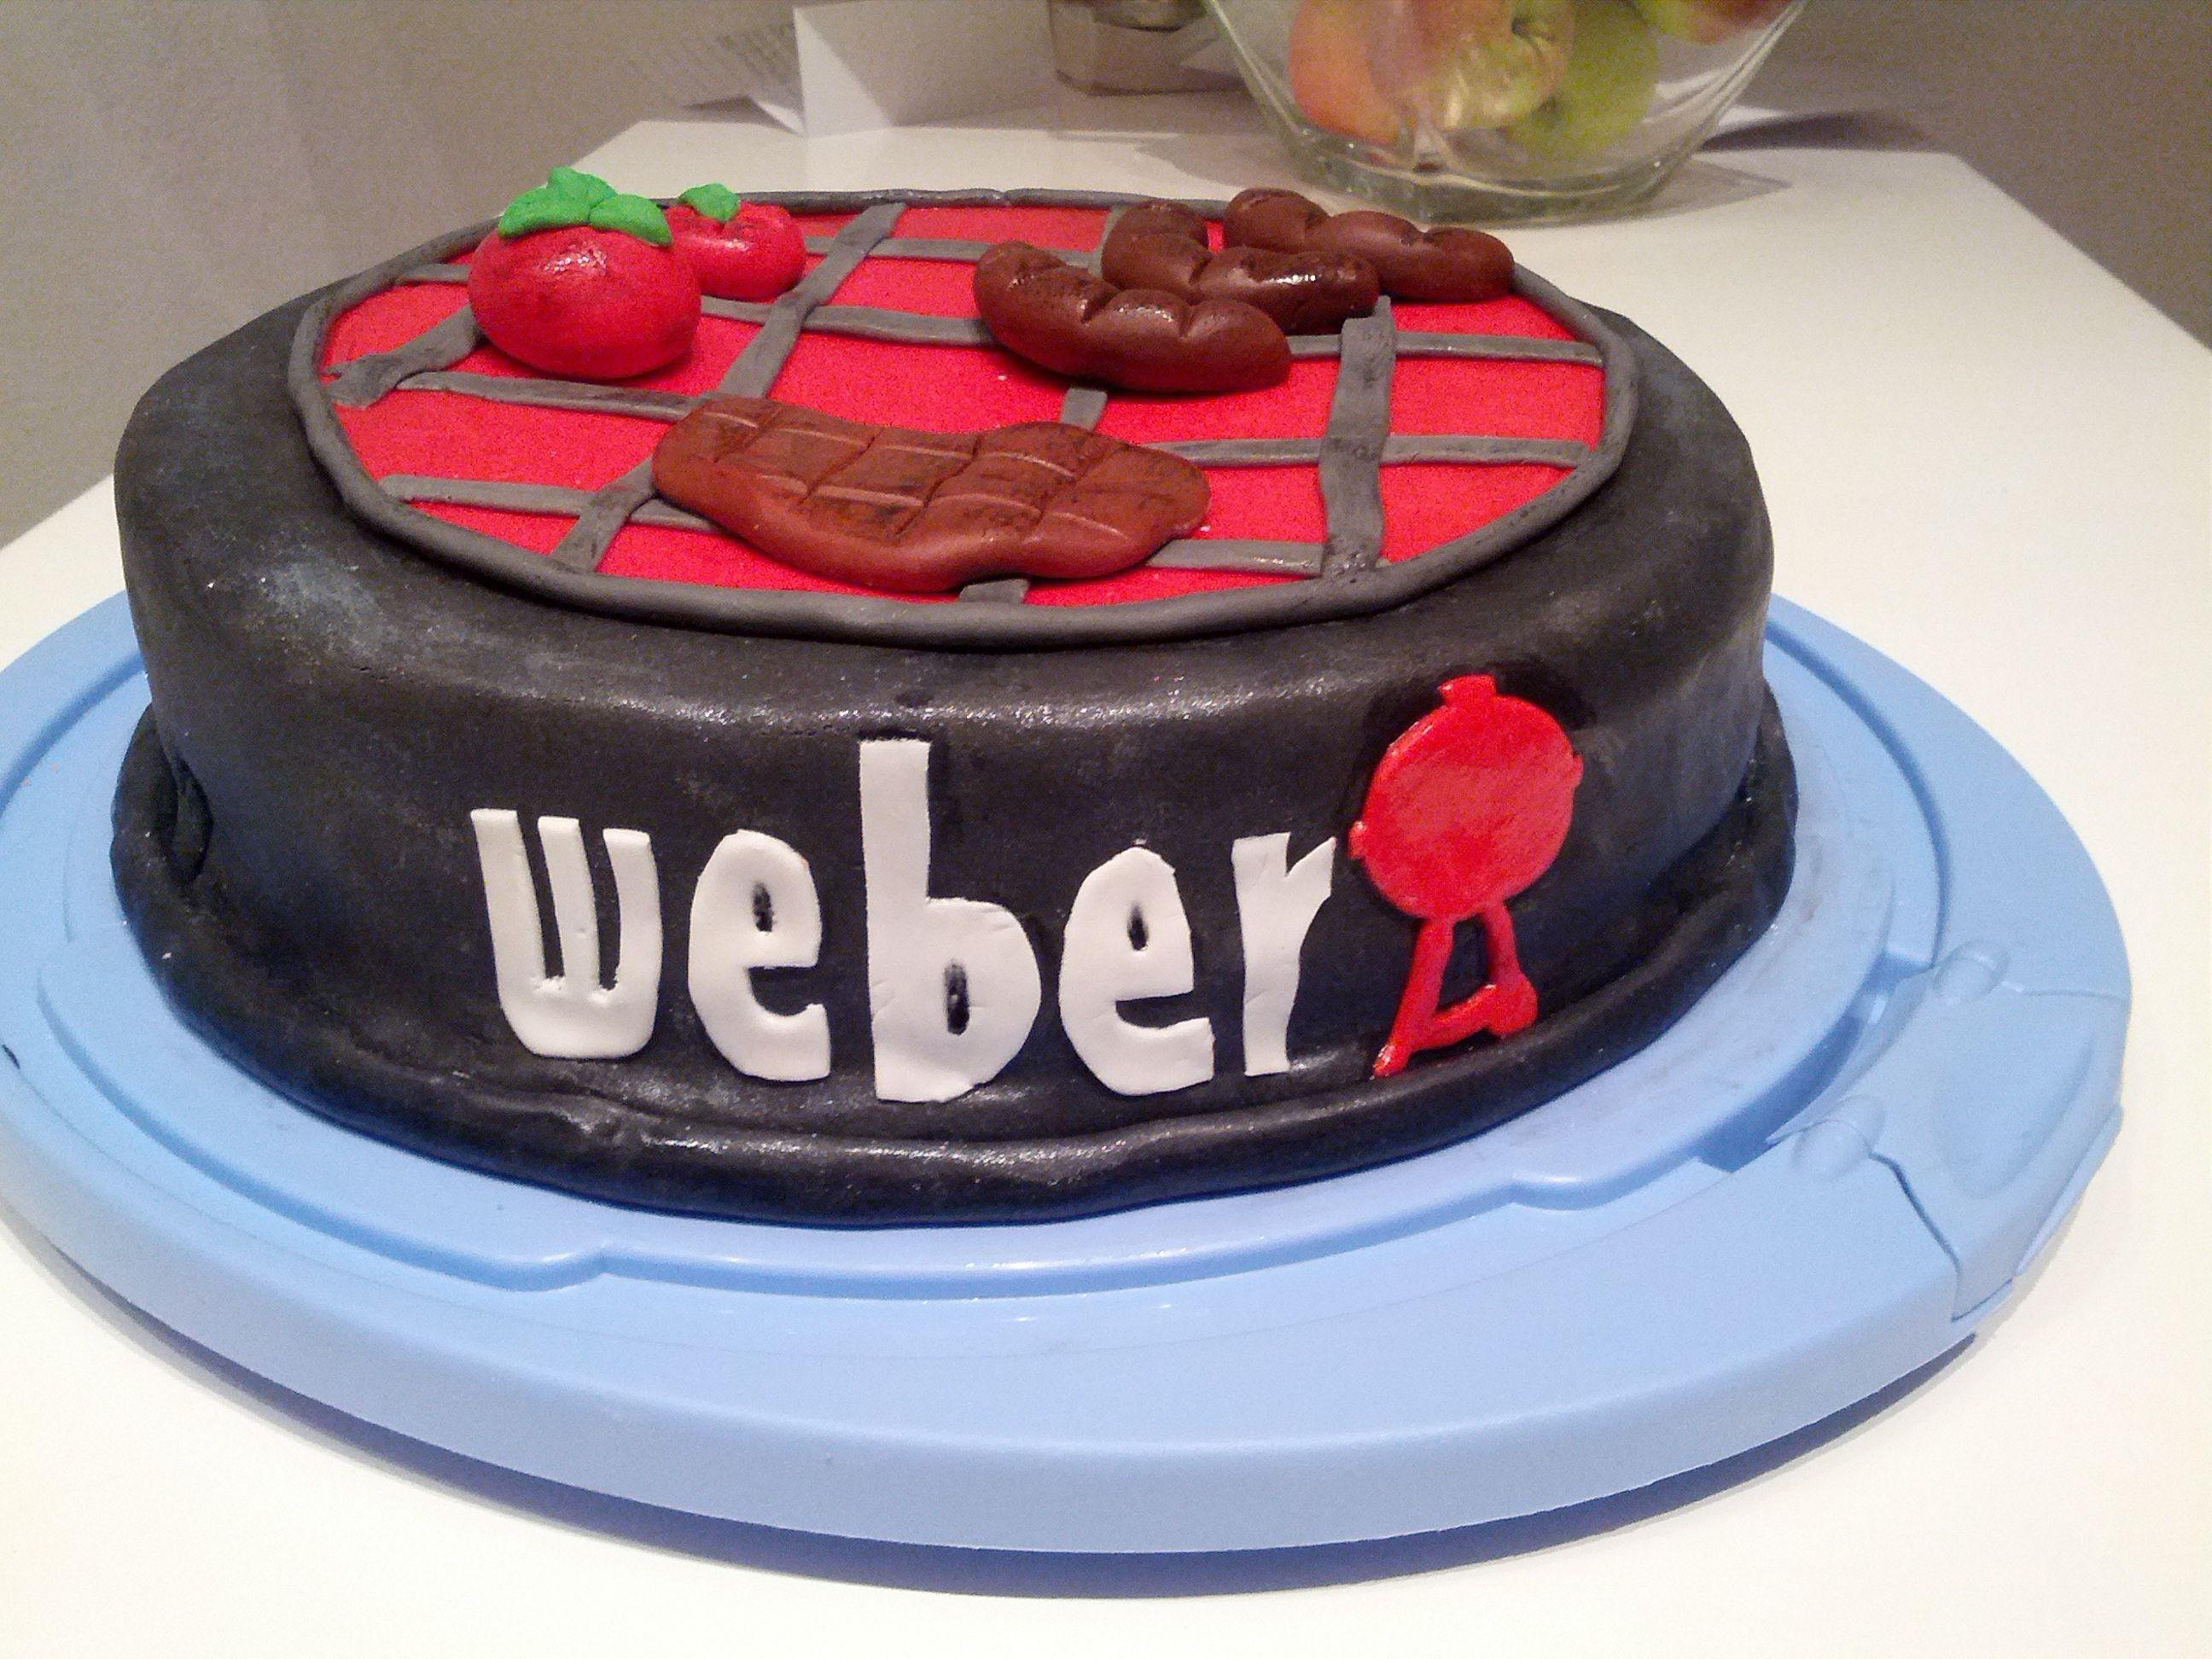 Weber Grill Torte  HELDENTAT  cake pops  more  Kuchen